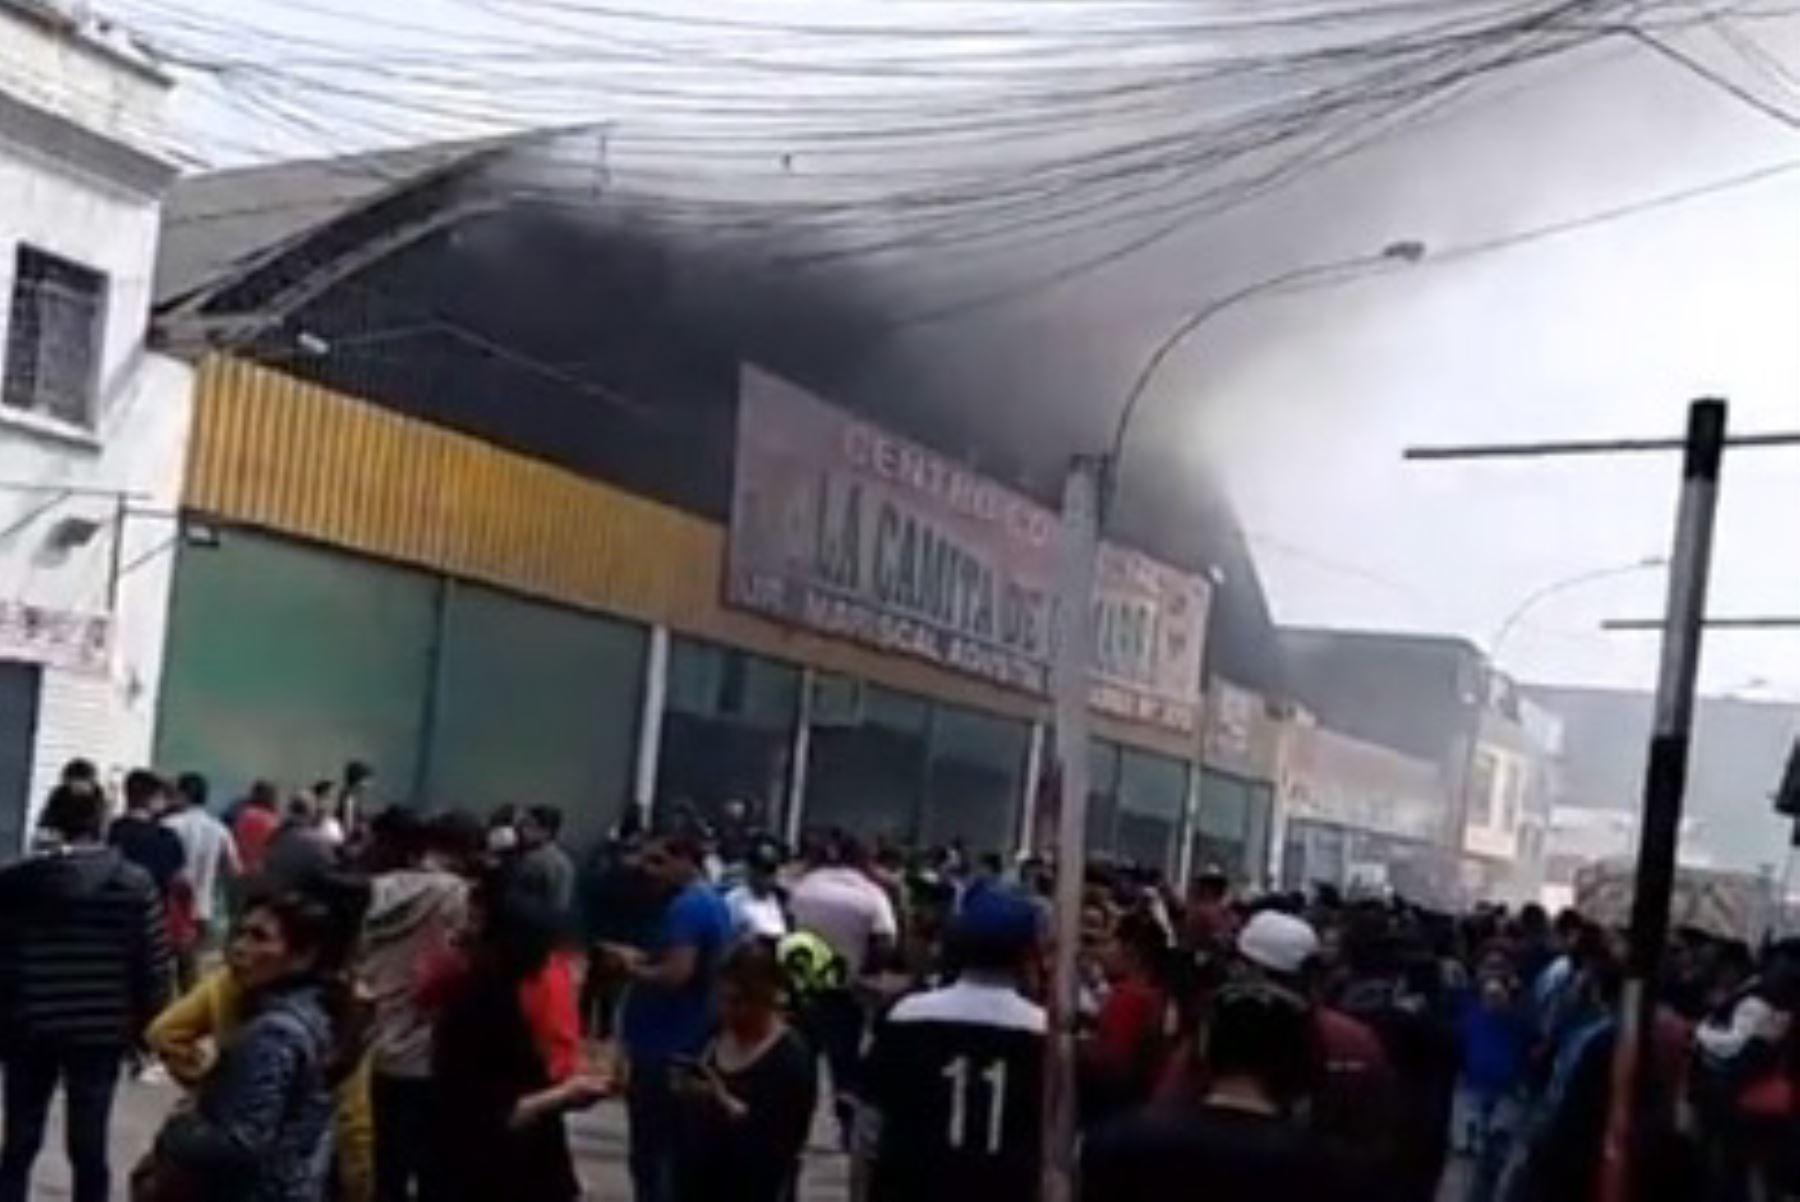 Foto: Facebook/Hecho en Huaycán.